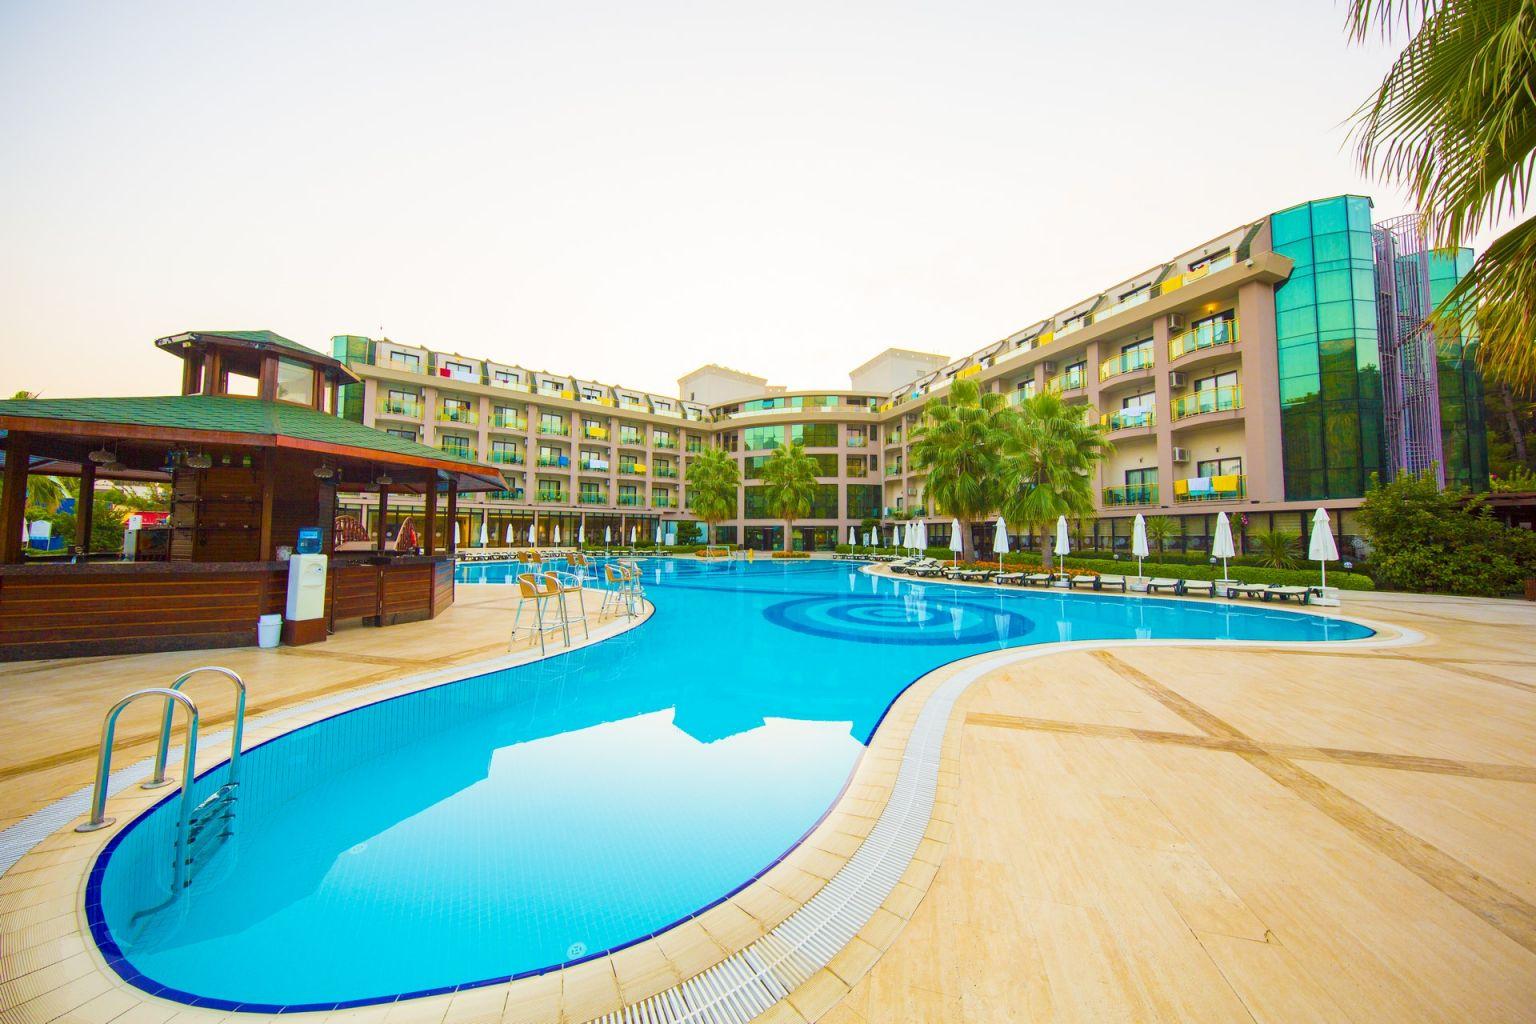 Турция отель эльдар резорт фото